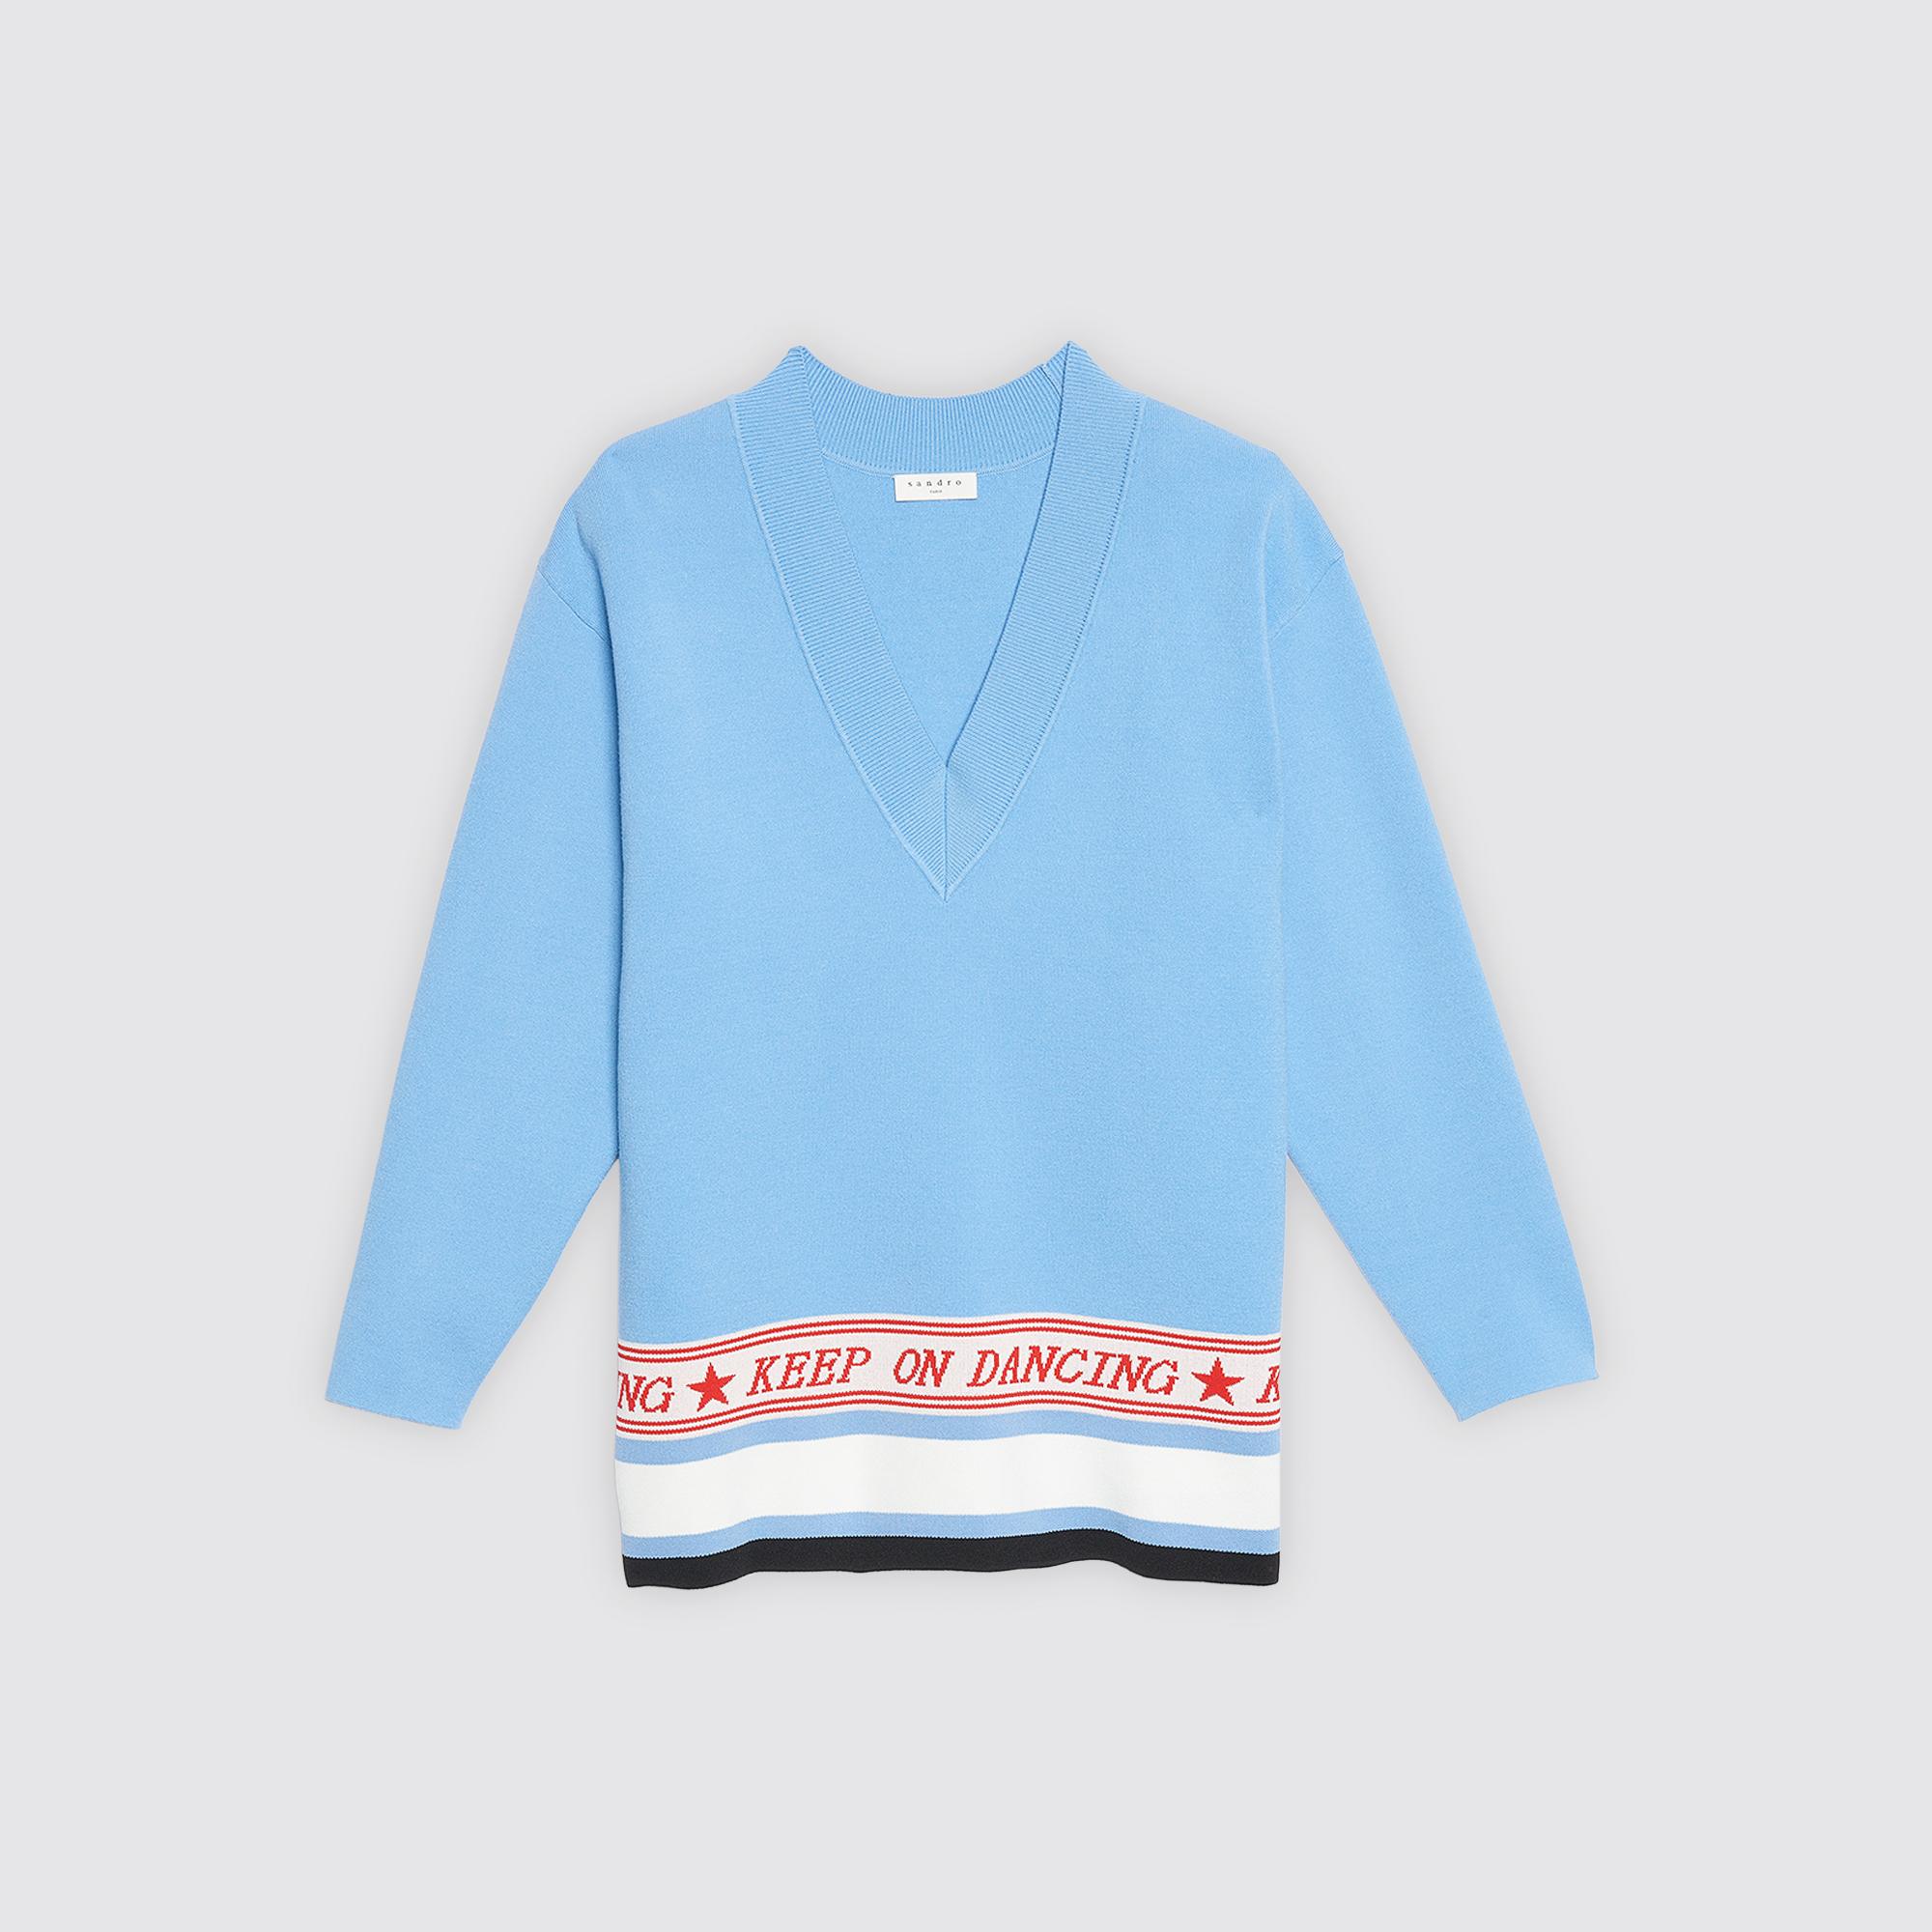 Pullover scollo a V e dettaglio jacquard : Collezione Estiva colore Sky Blue